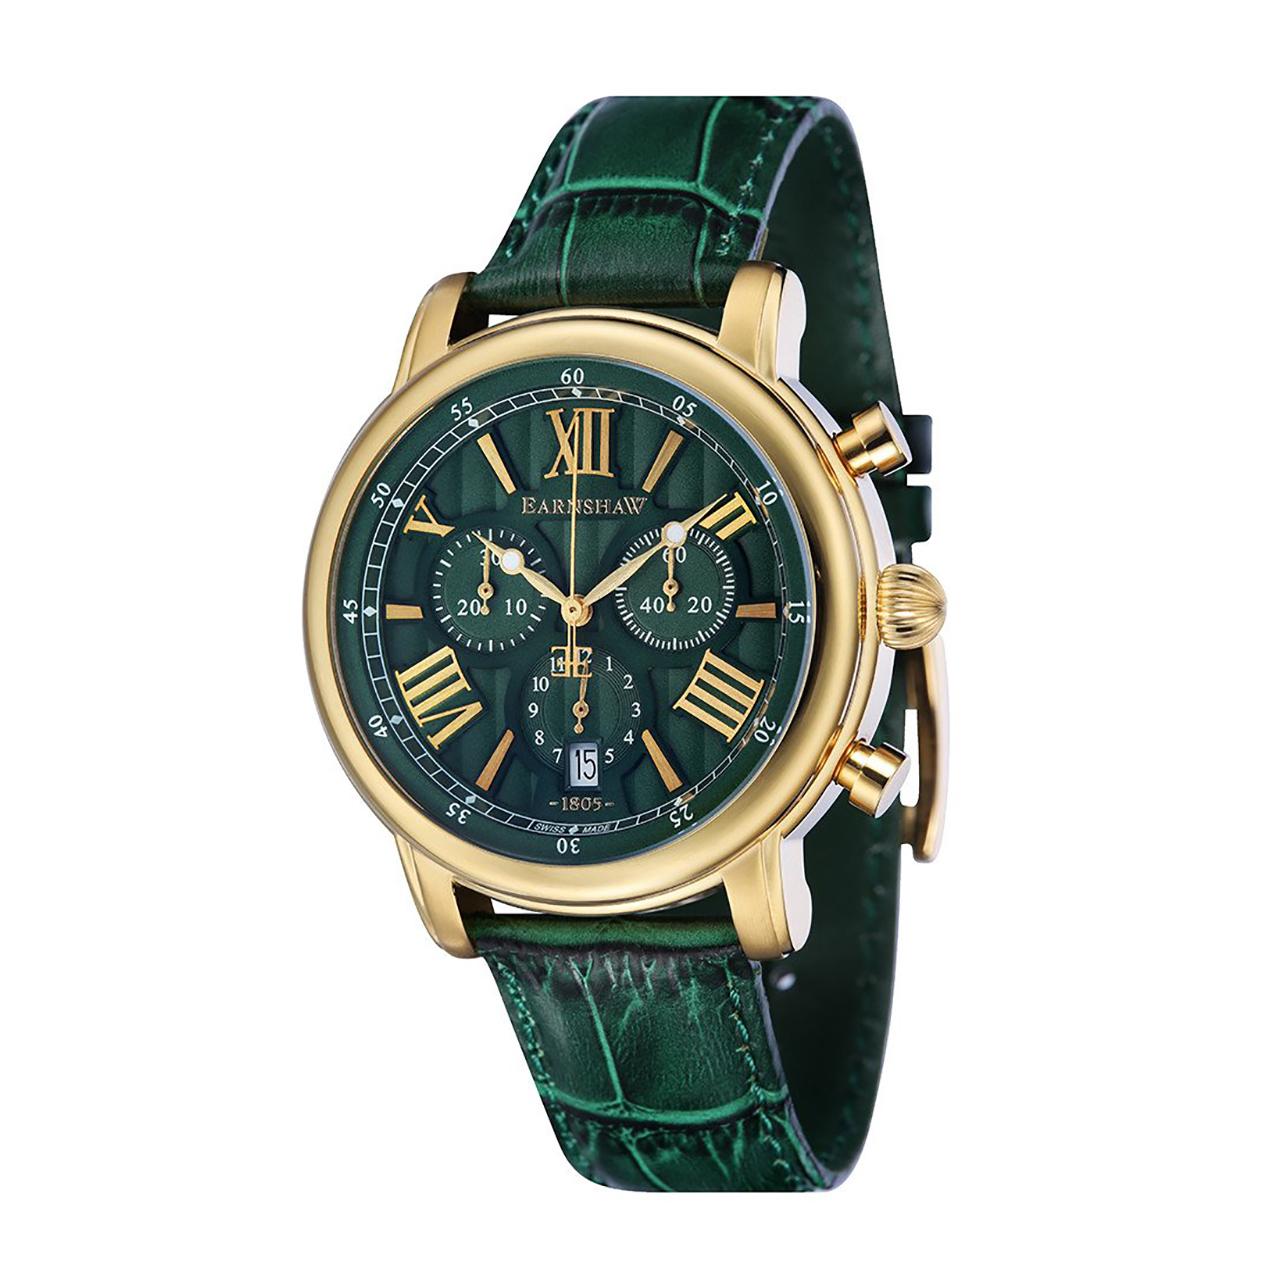 ساعت  ارنشا مدل ES-0016-09